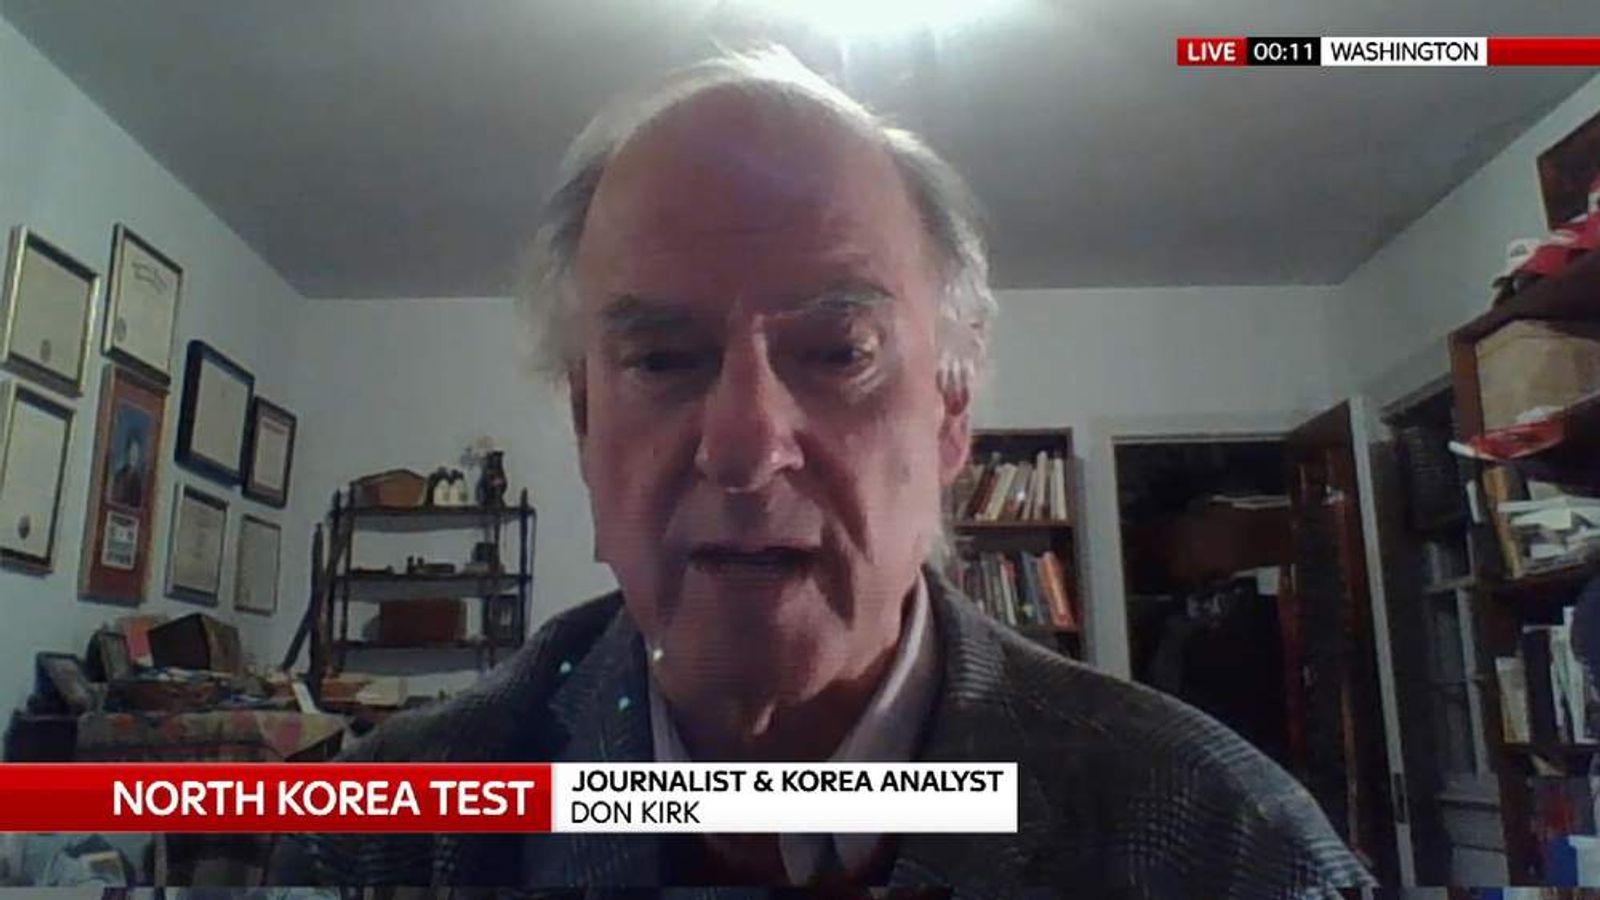 North Korean analyst Don Kirk